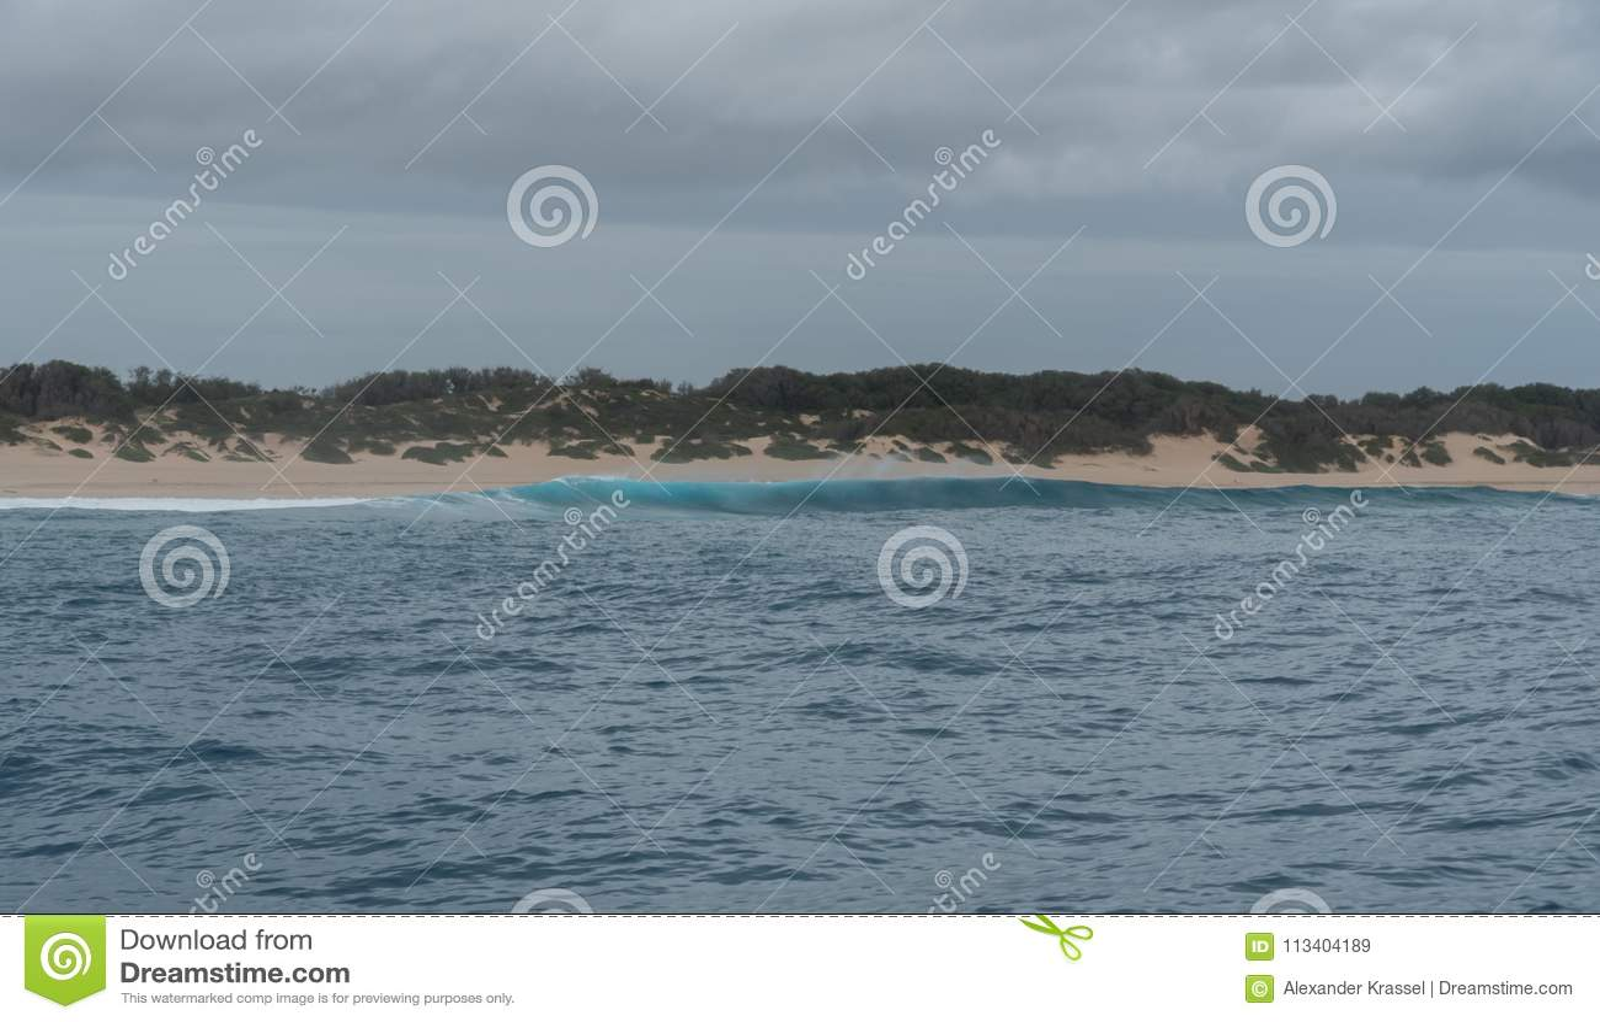 Το σπάσιμο κυμάτων στην αποφλοίωση στρώνει με άμμο την παραλία στη δυτική ακτή Kauai, Χαβάη, το χειμώνα